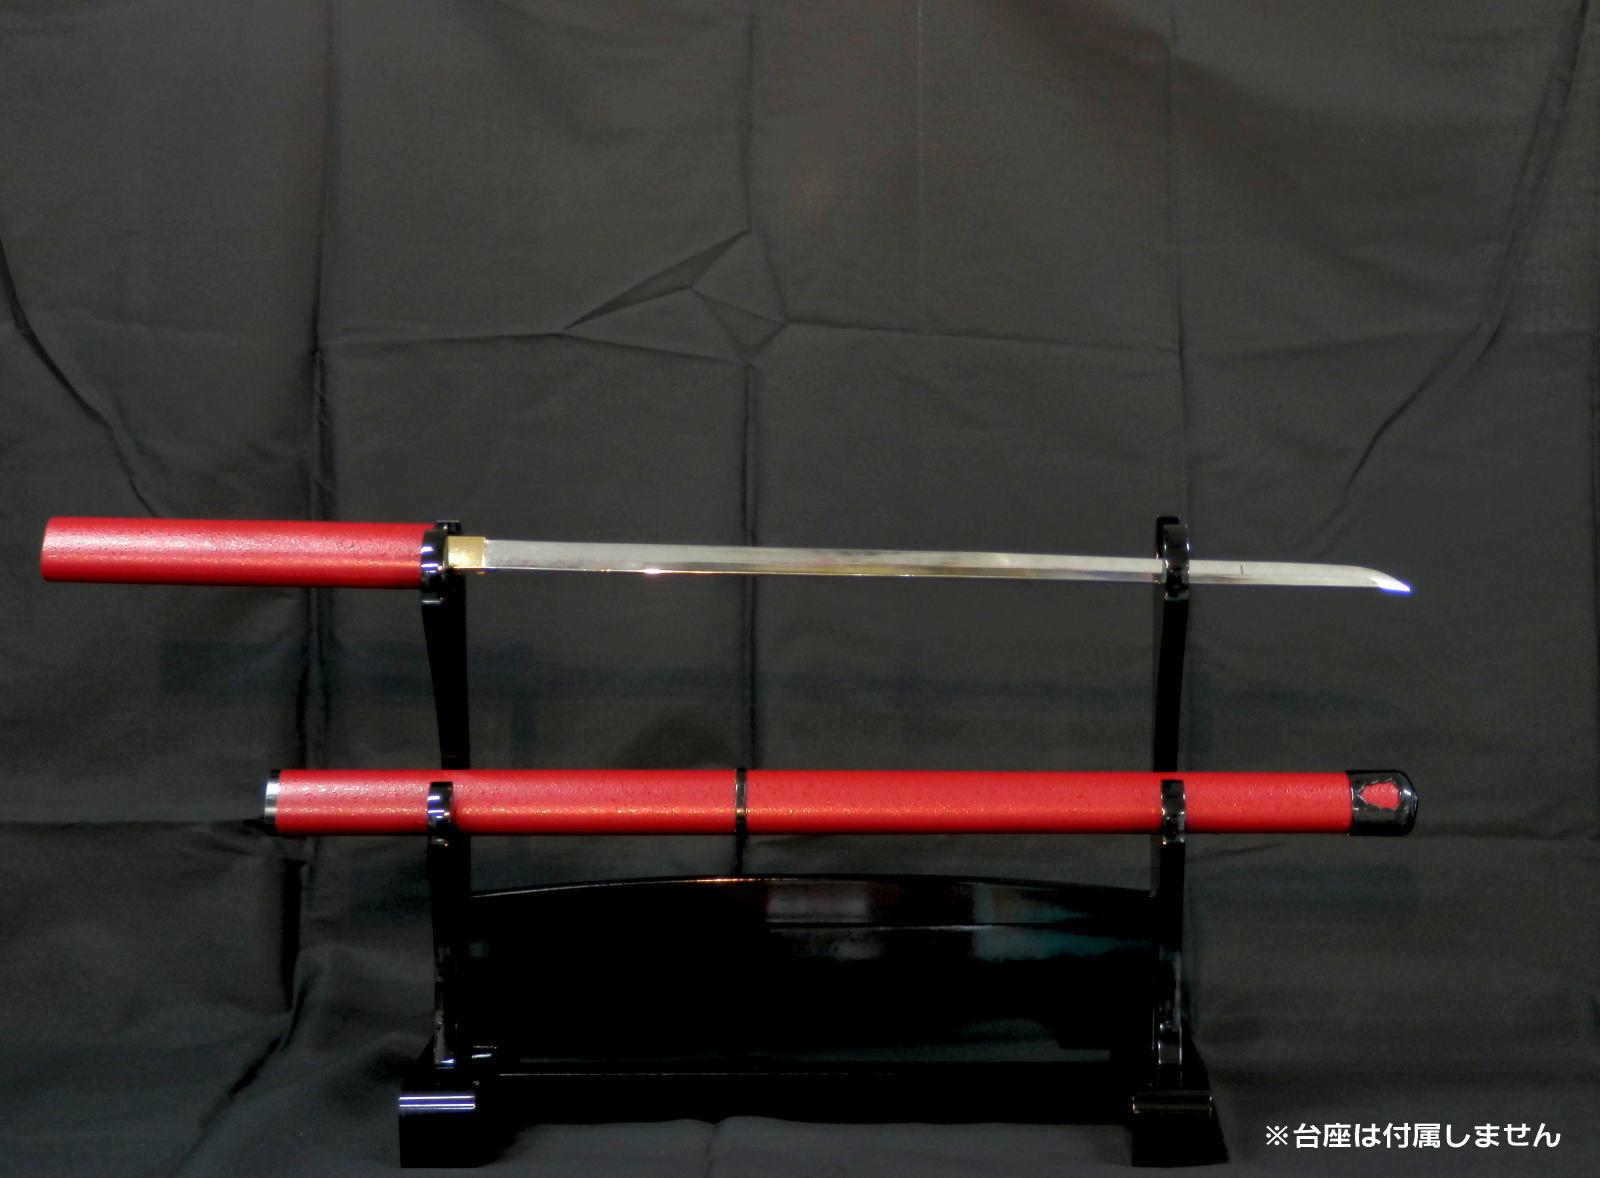 【即納】匠刀房 AB135 仕込み杖座頭市拵え金具付 日本刀 美術刀 模造刀